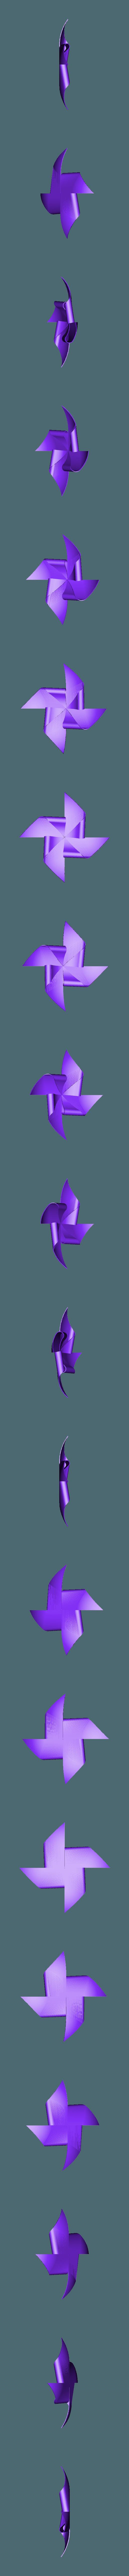 100x100x09.stl Télécharger fichier STL gratuit Moulin à vent en papier (polyhedra-folie) • Objet pour imprimante 3D, Wachet